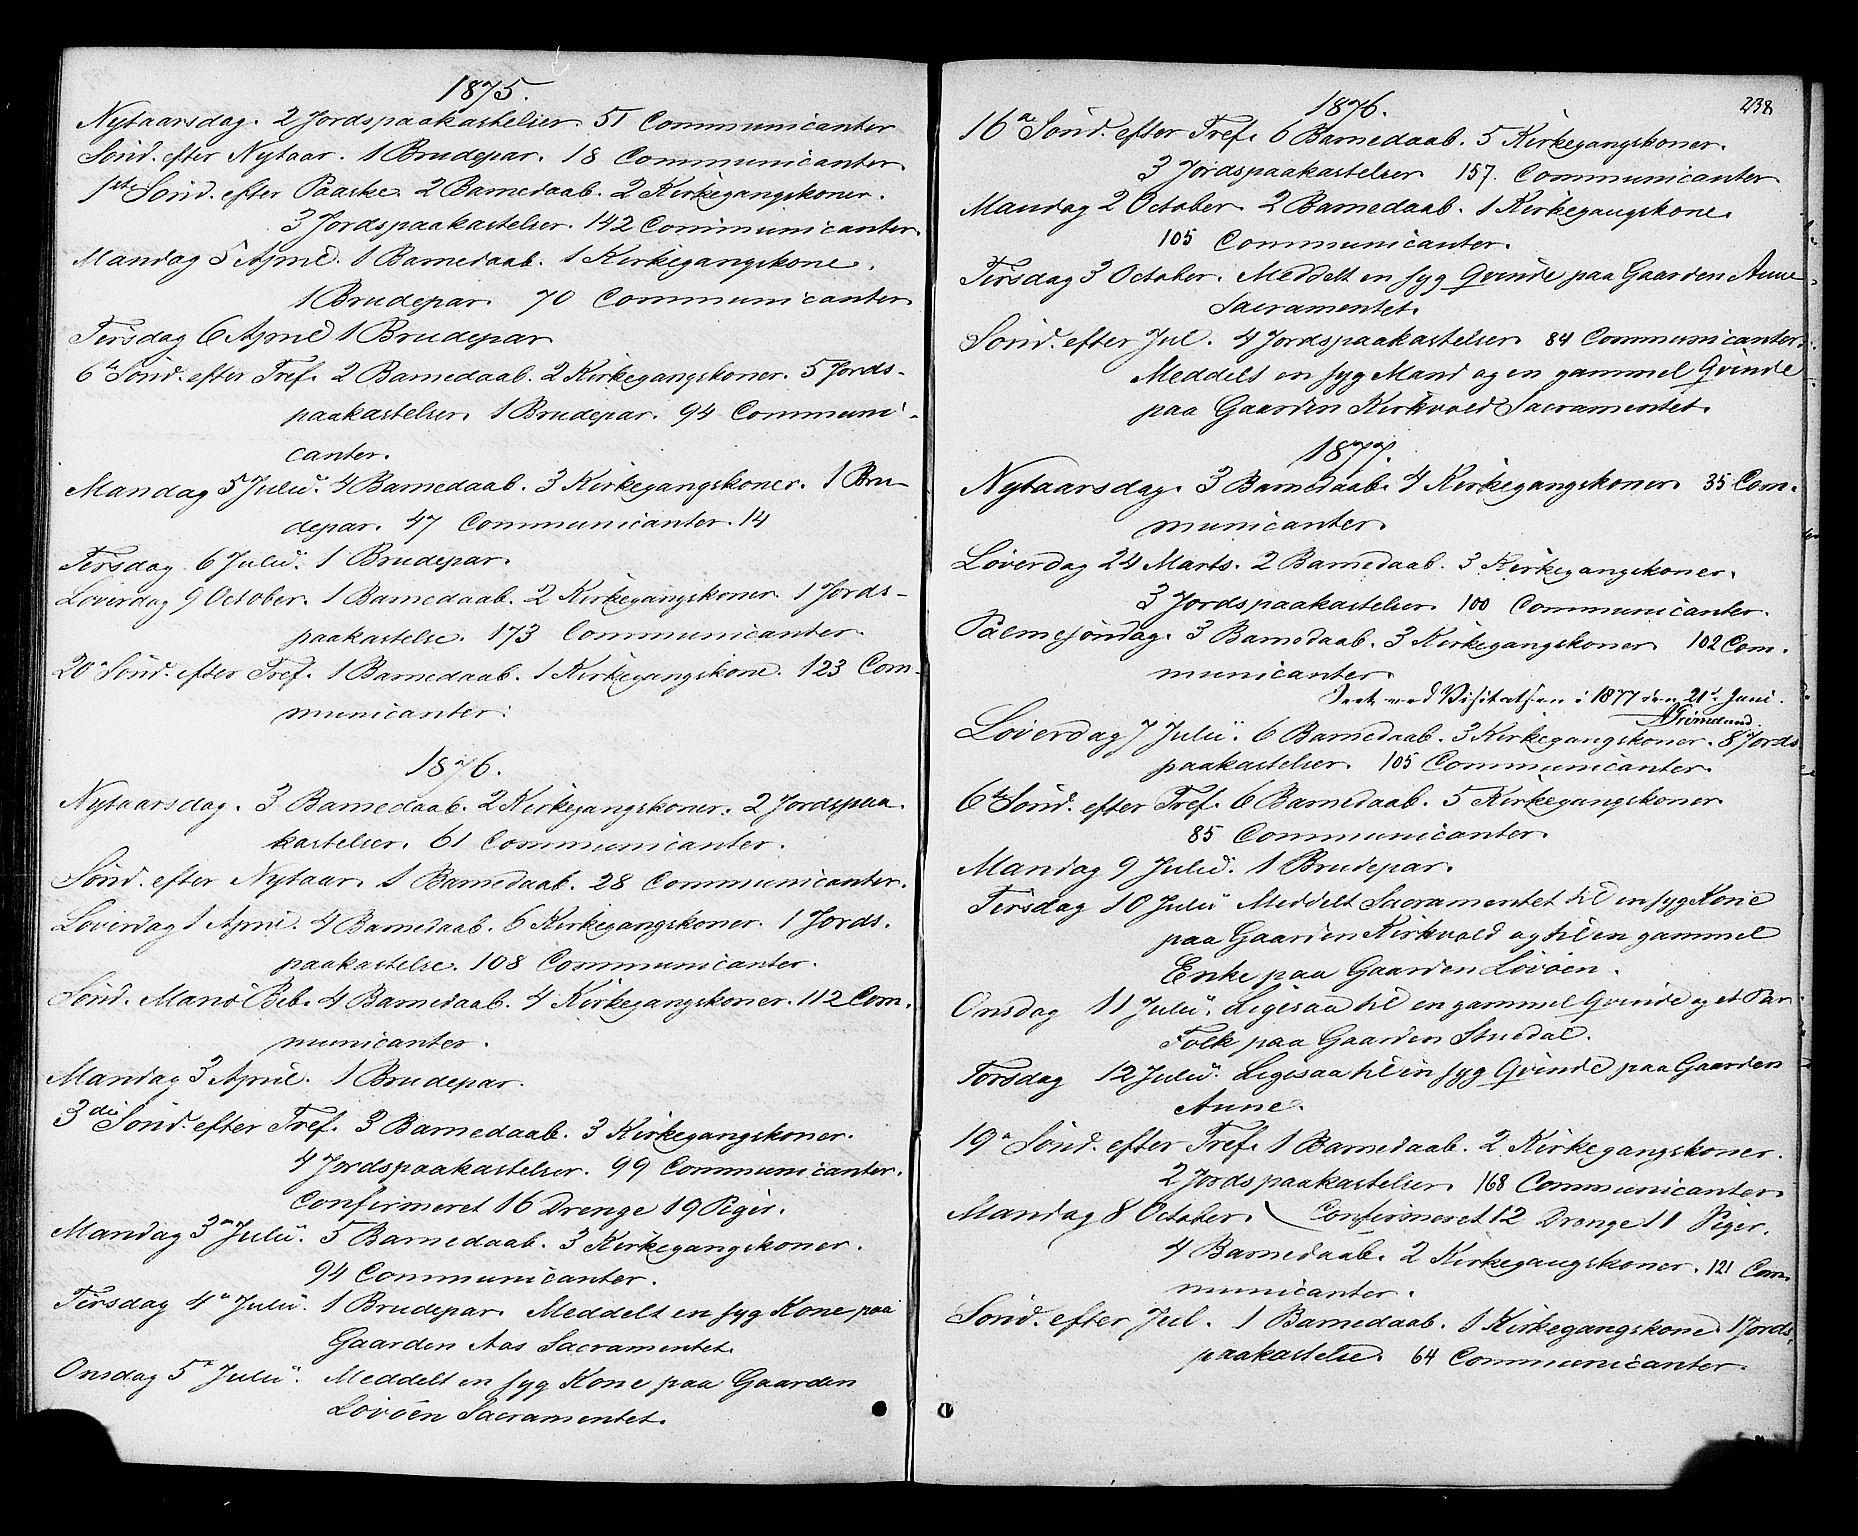 SAT, Ministerialprotokoller, klokkerbøker og fødselsregistre - Sør-Trøndelag, 698/L1163: Ministerialbok nr. 698A01, 1862-1887, s. 238